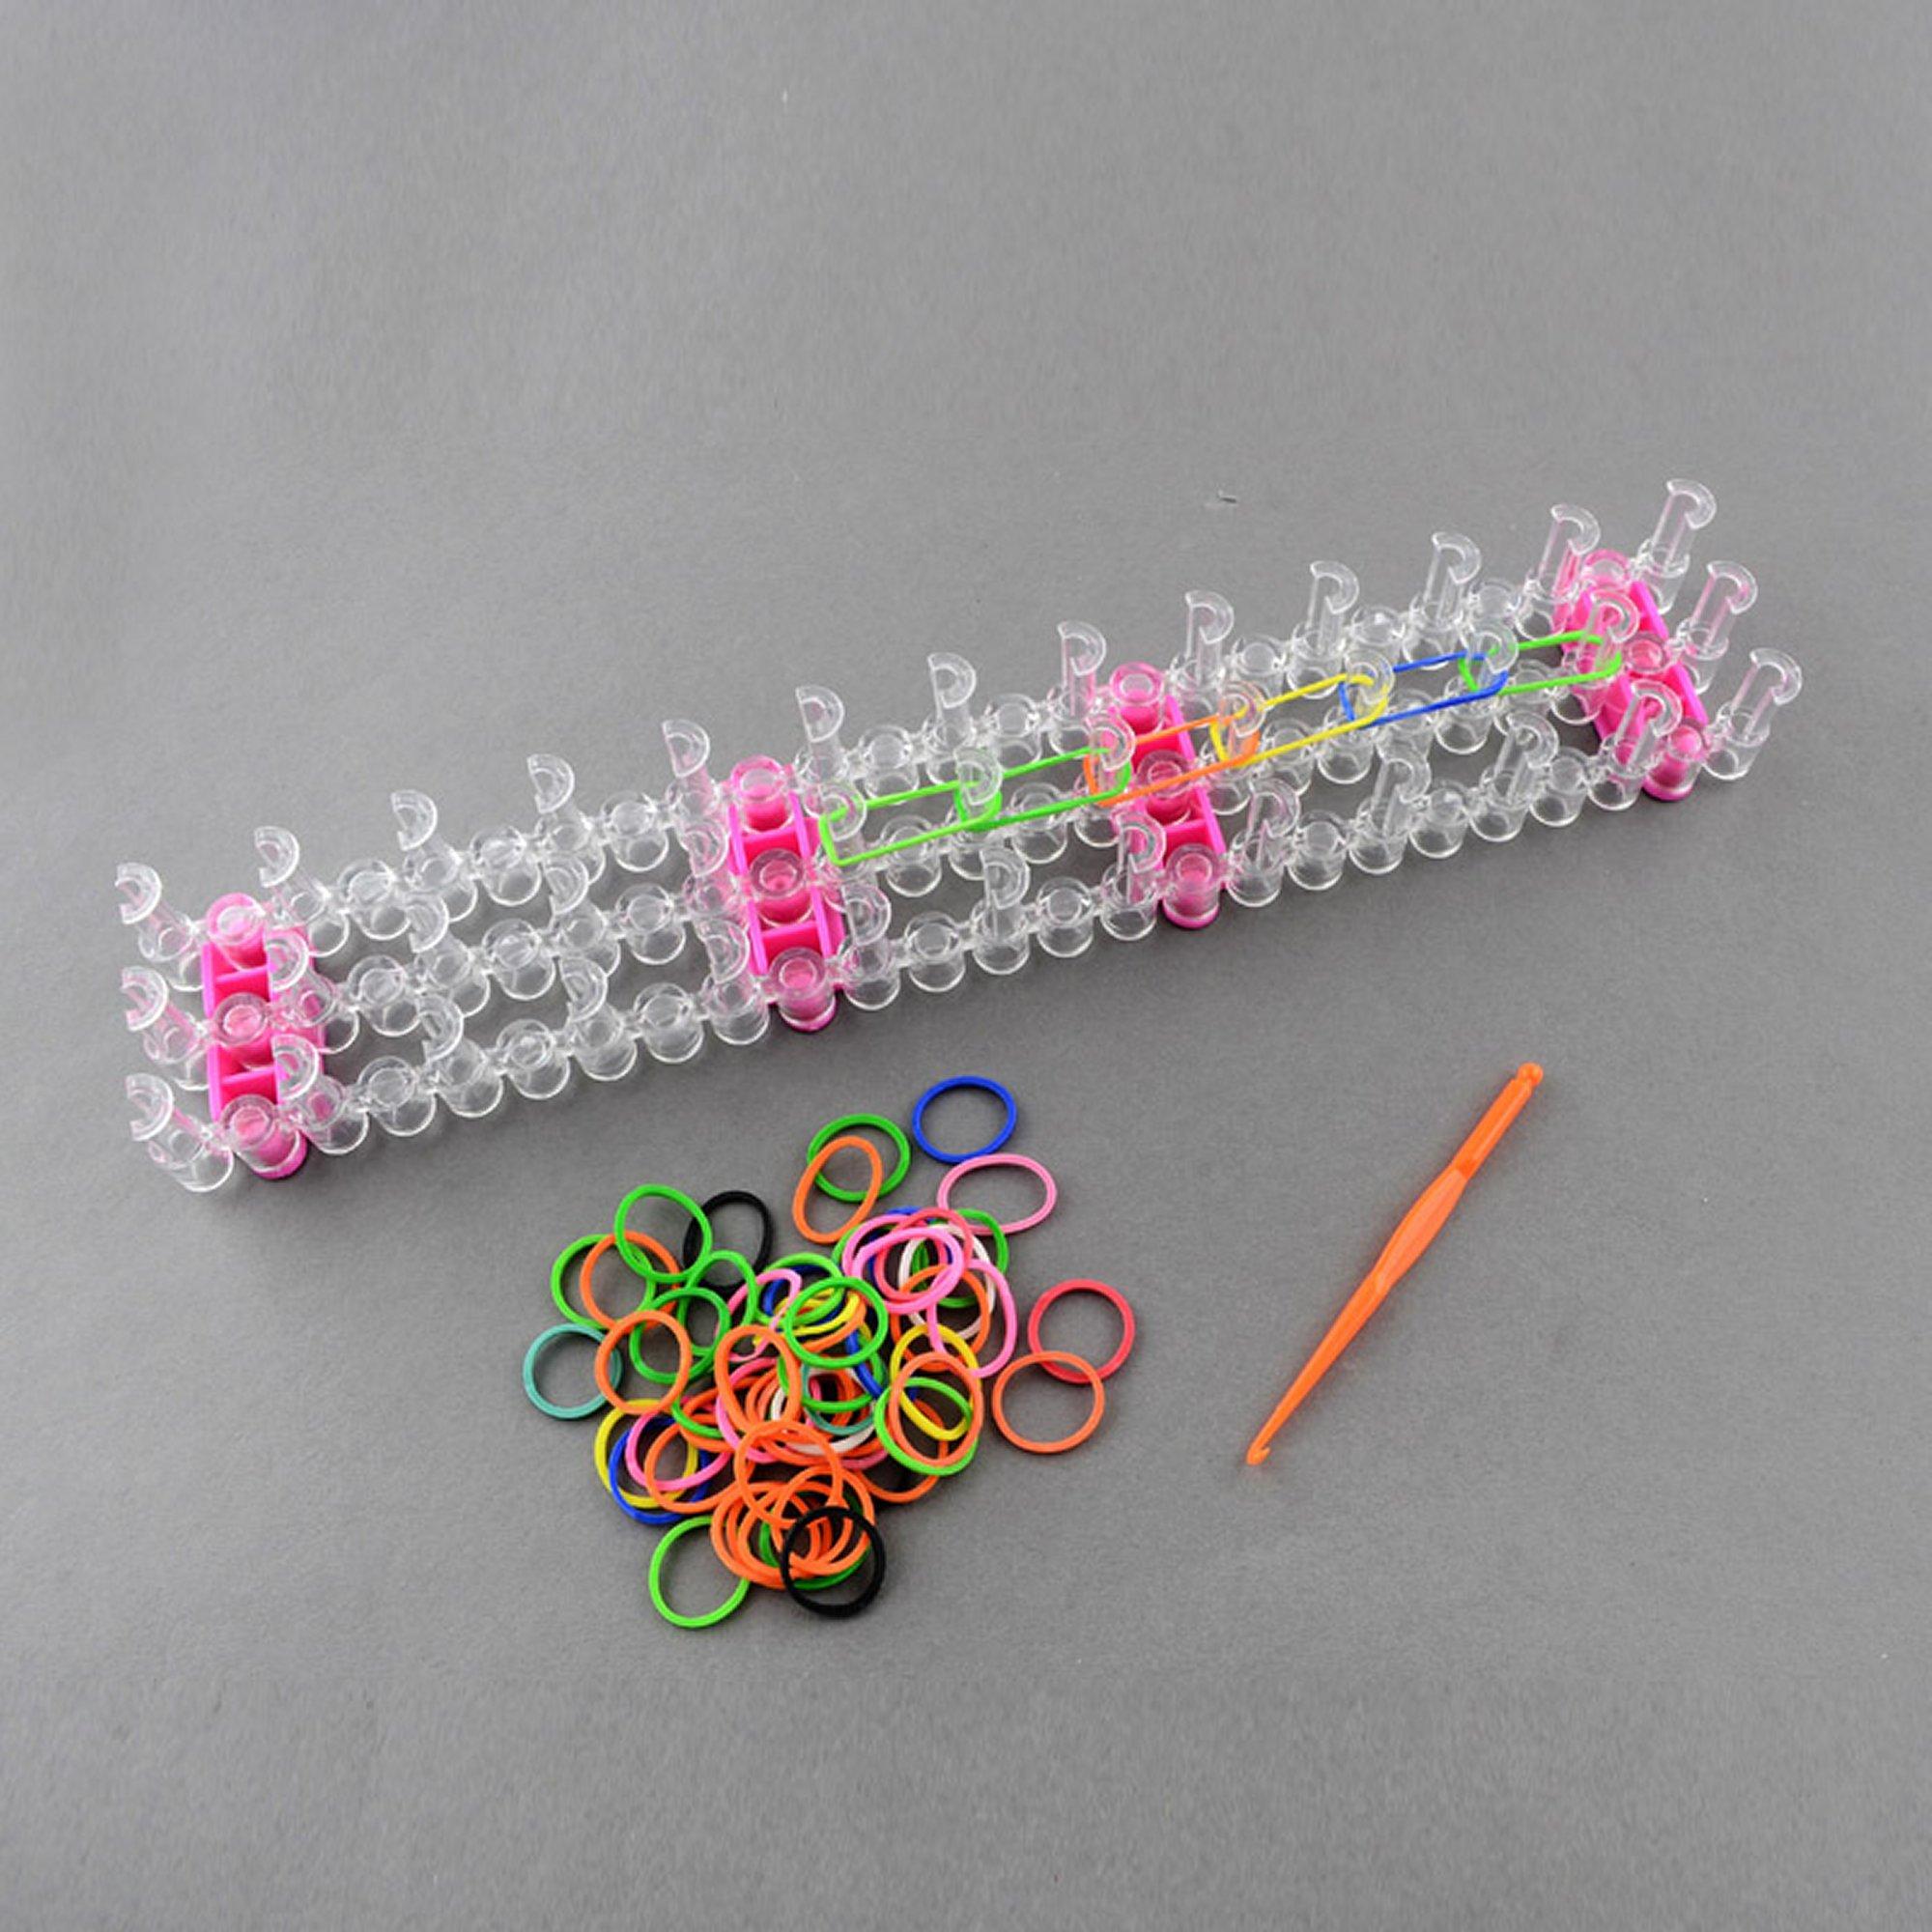 Colourful Adjustable Loom Band Kit